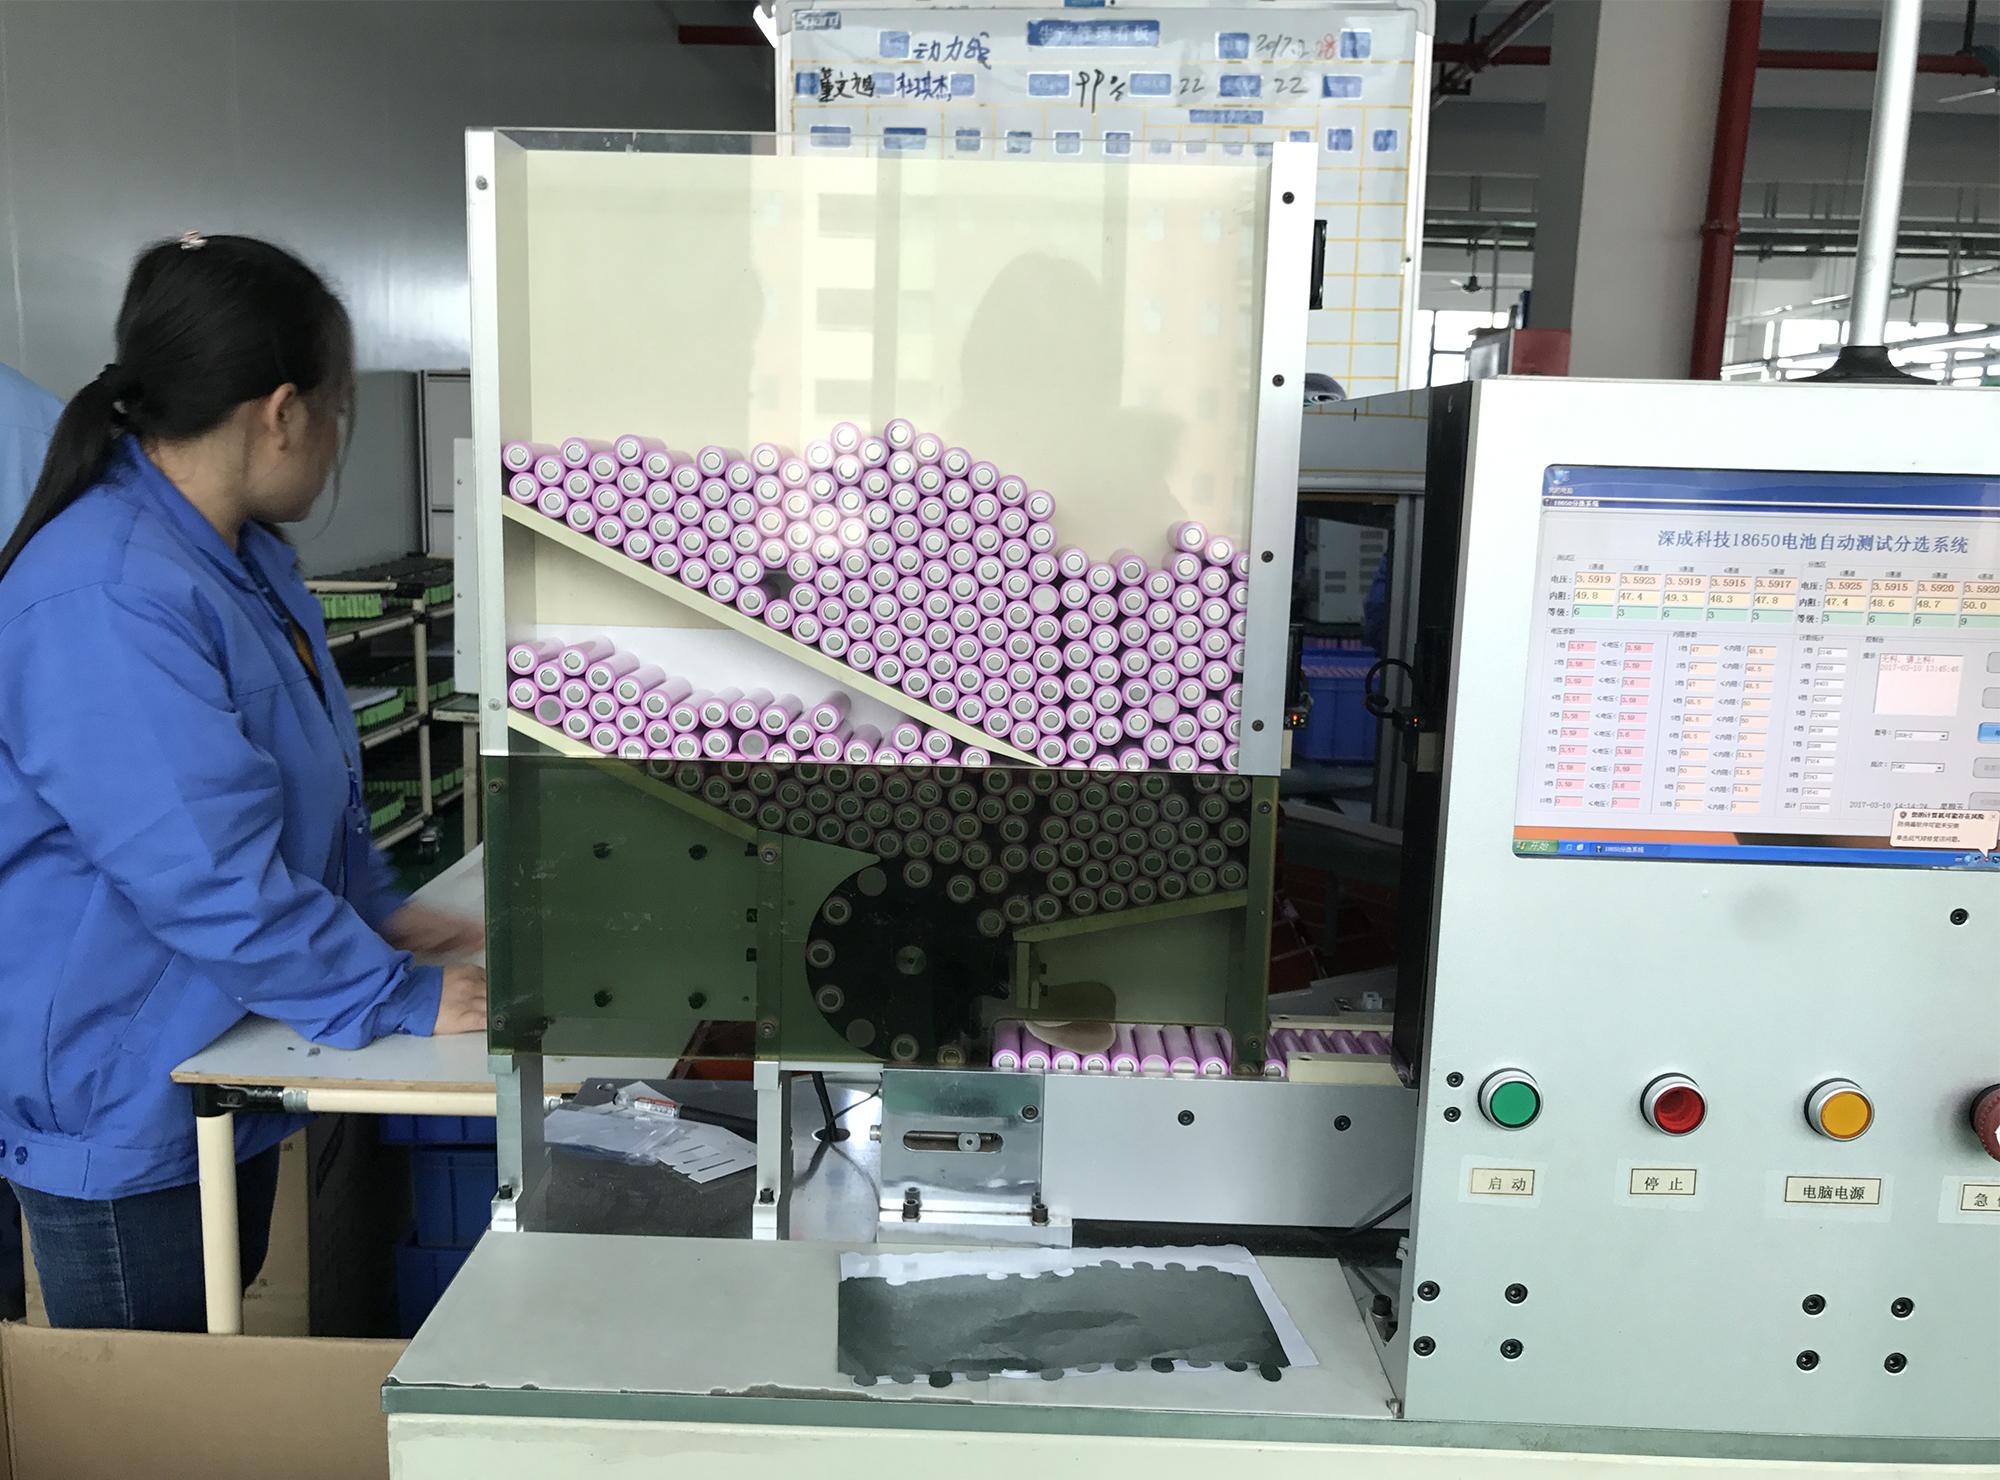 生产设备-自动分选机